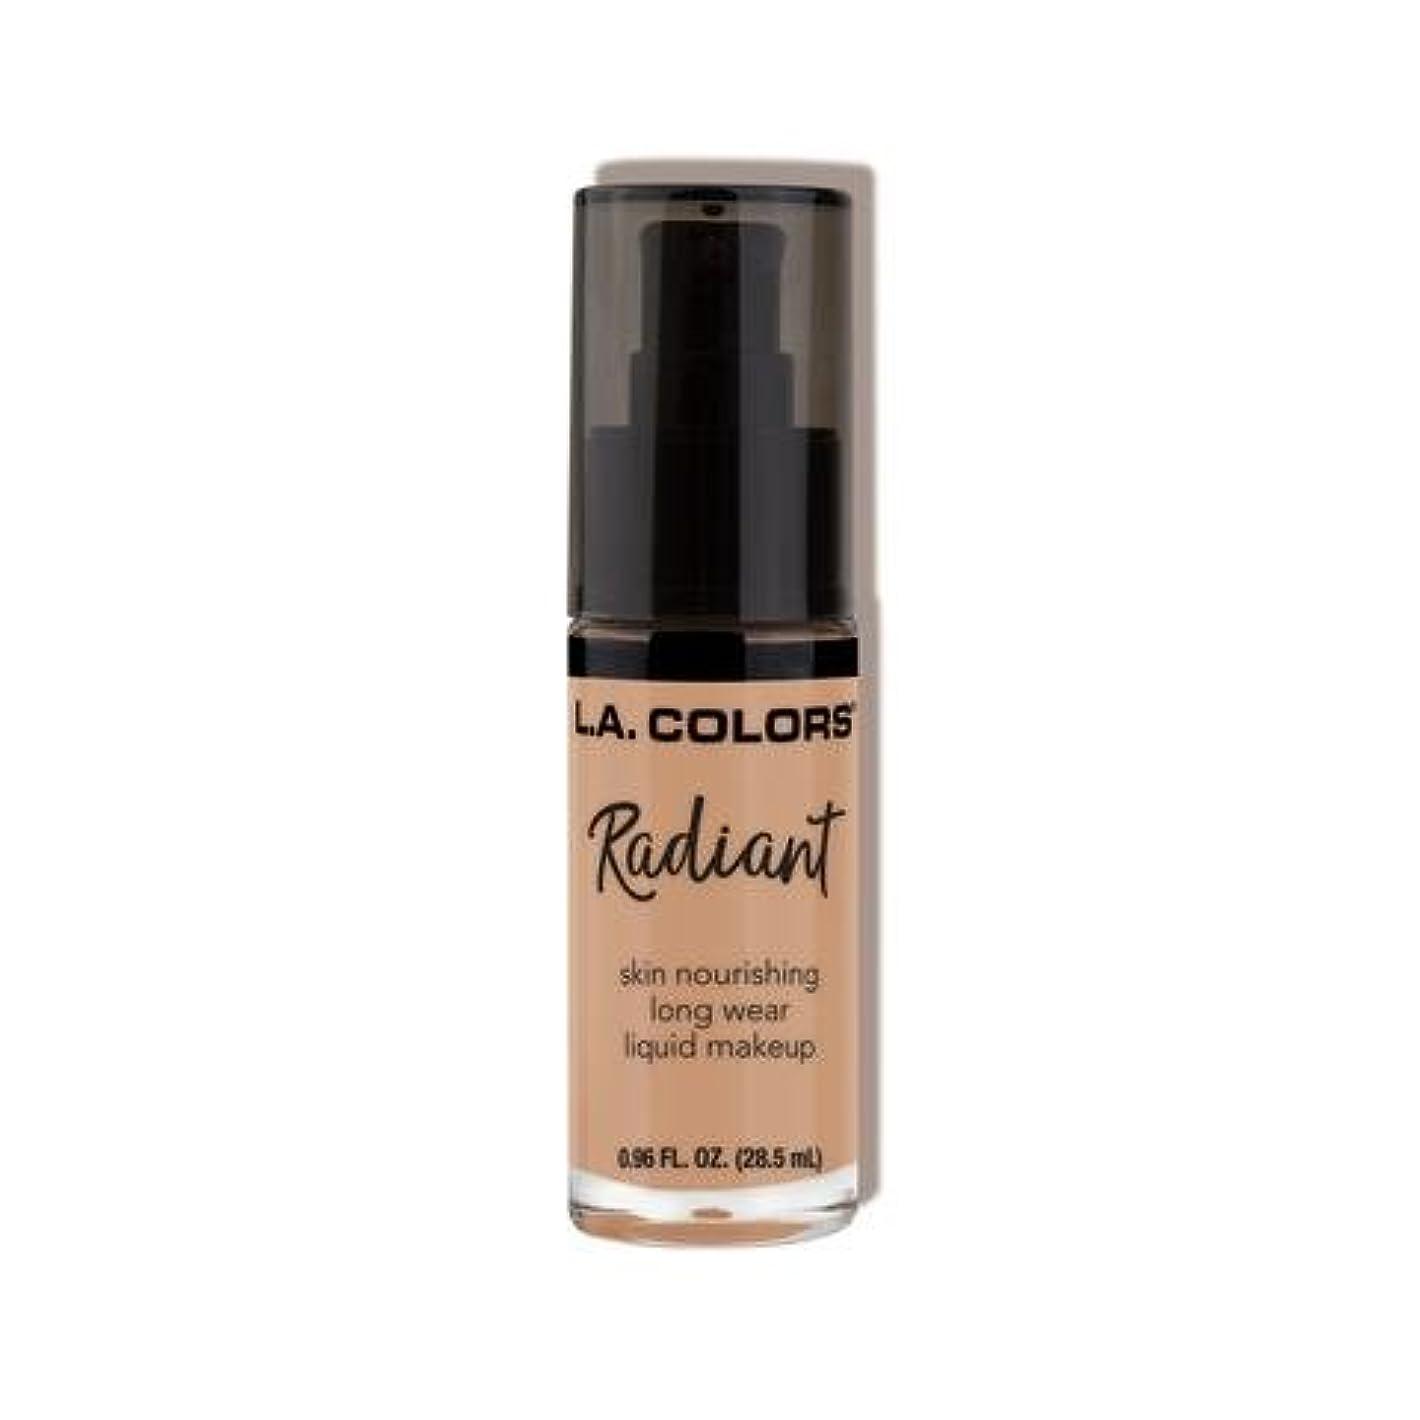 羽従事したライム(3 Pack) L.A. COLORS Radiant Liquid Makeup - Fair (並行輸入品)